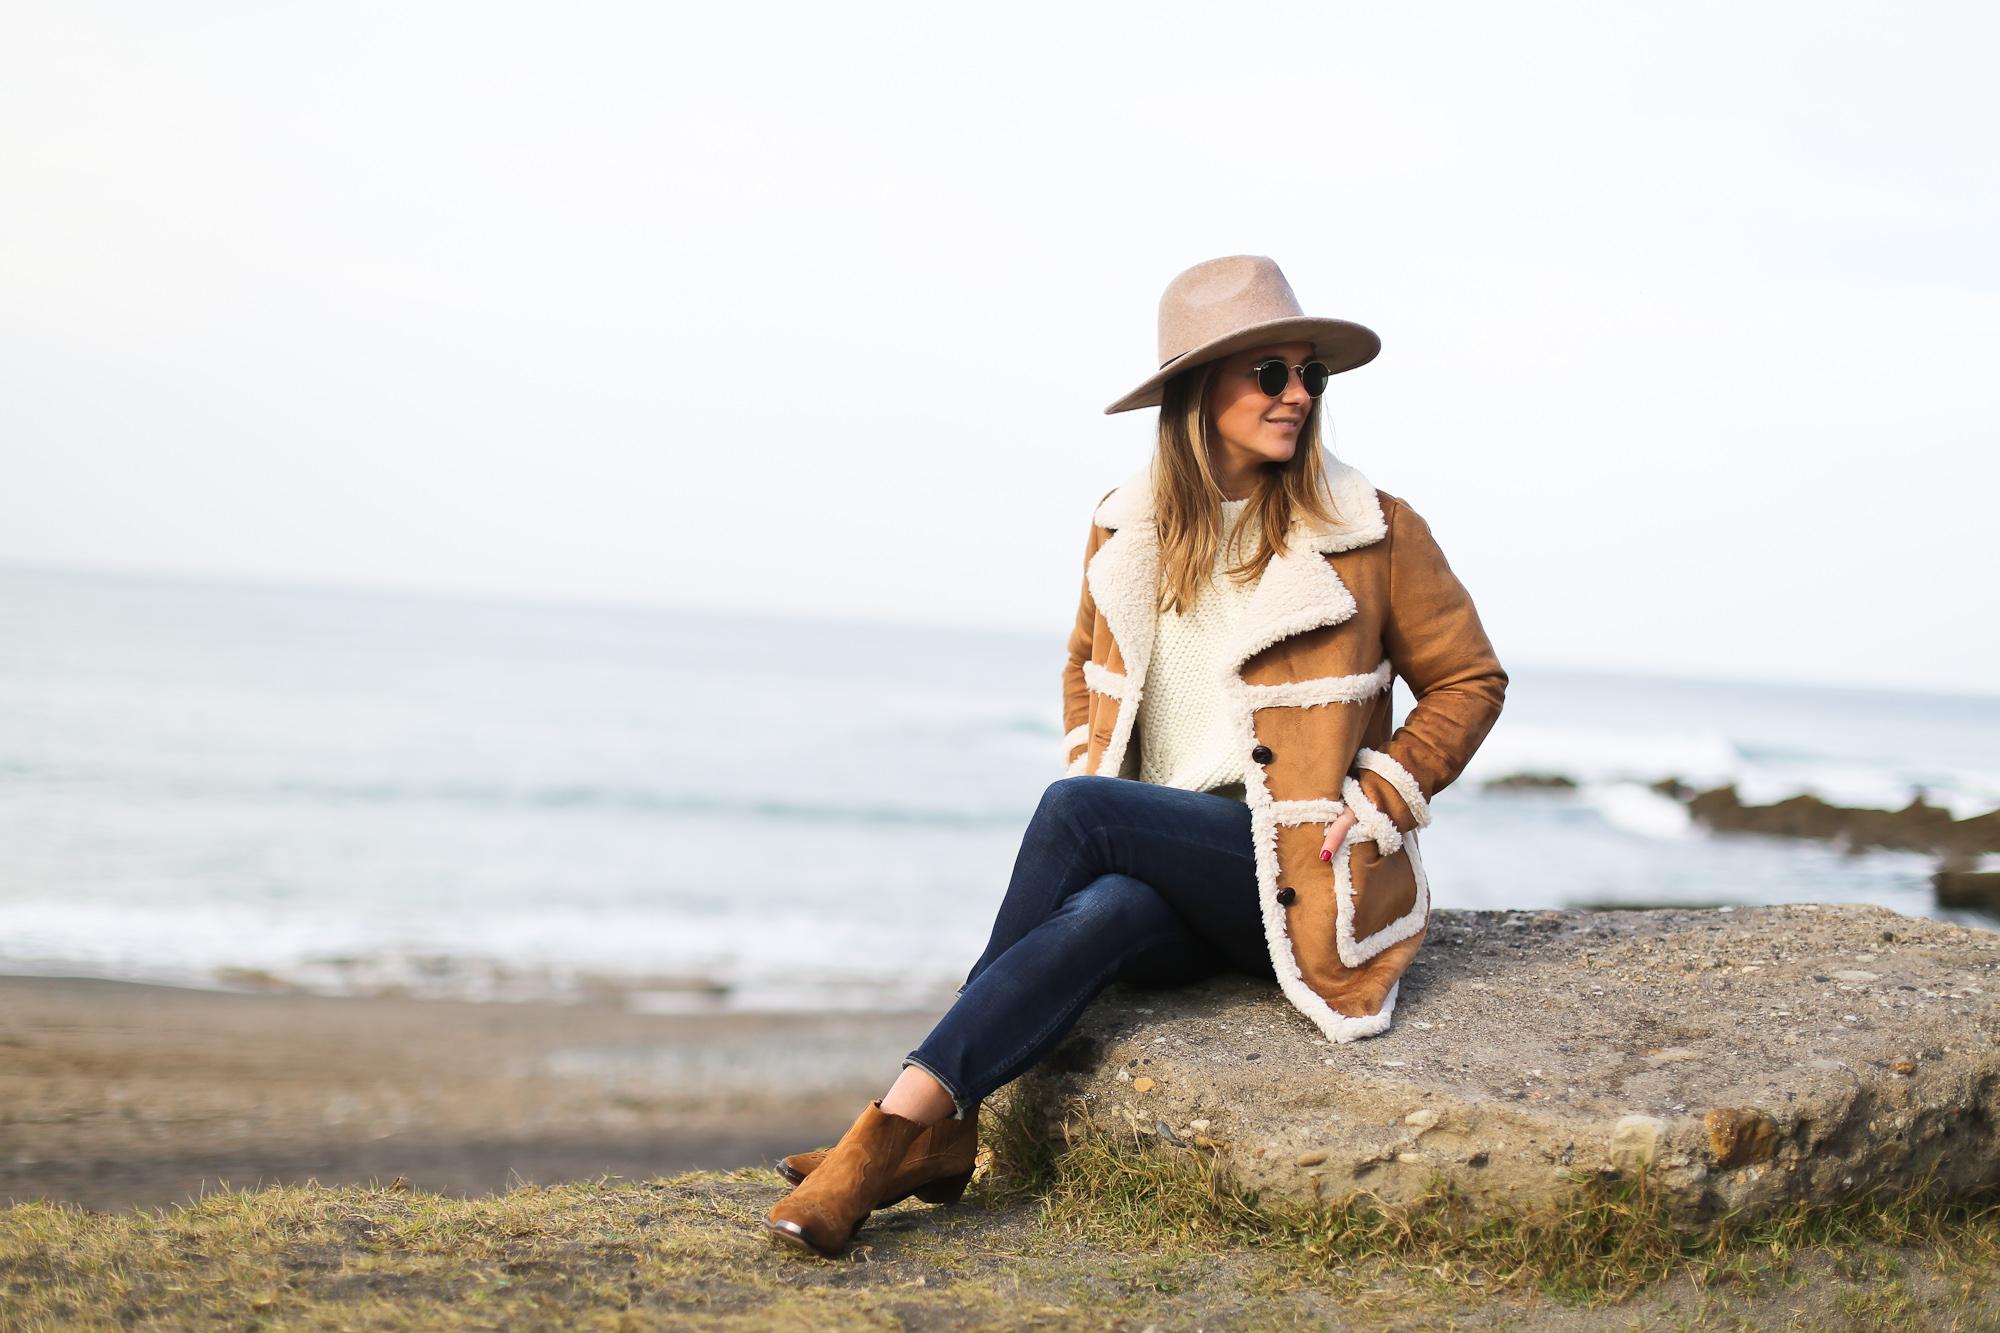 Clochet_streetstyle_bimba&lola_chunky_knit_stradivarius_fedora_hat-11